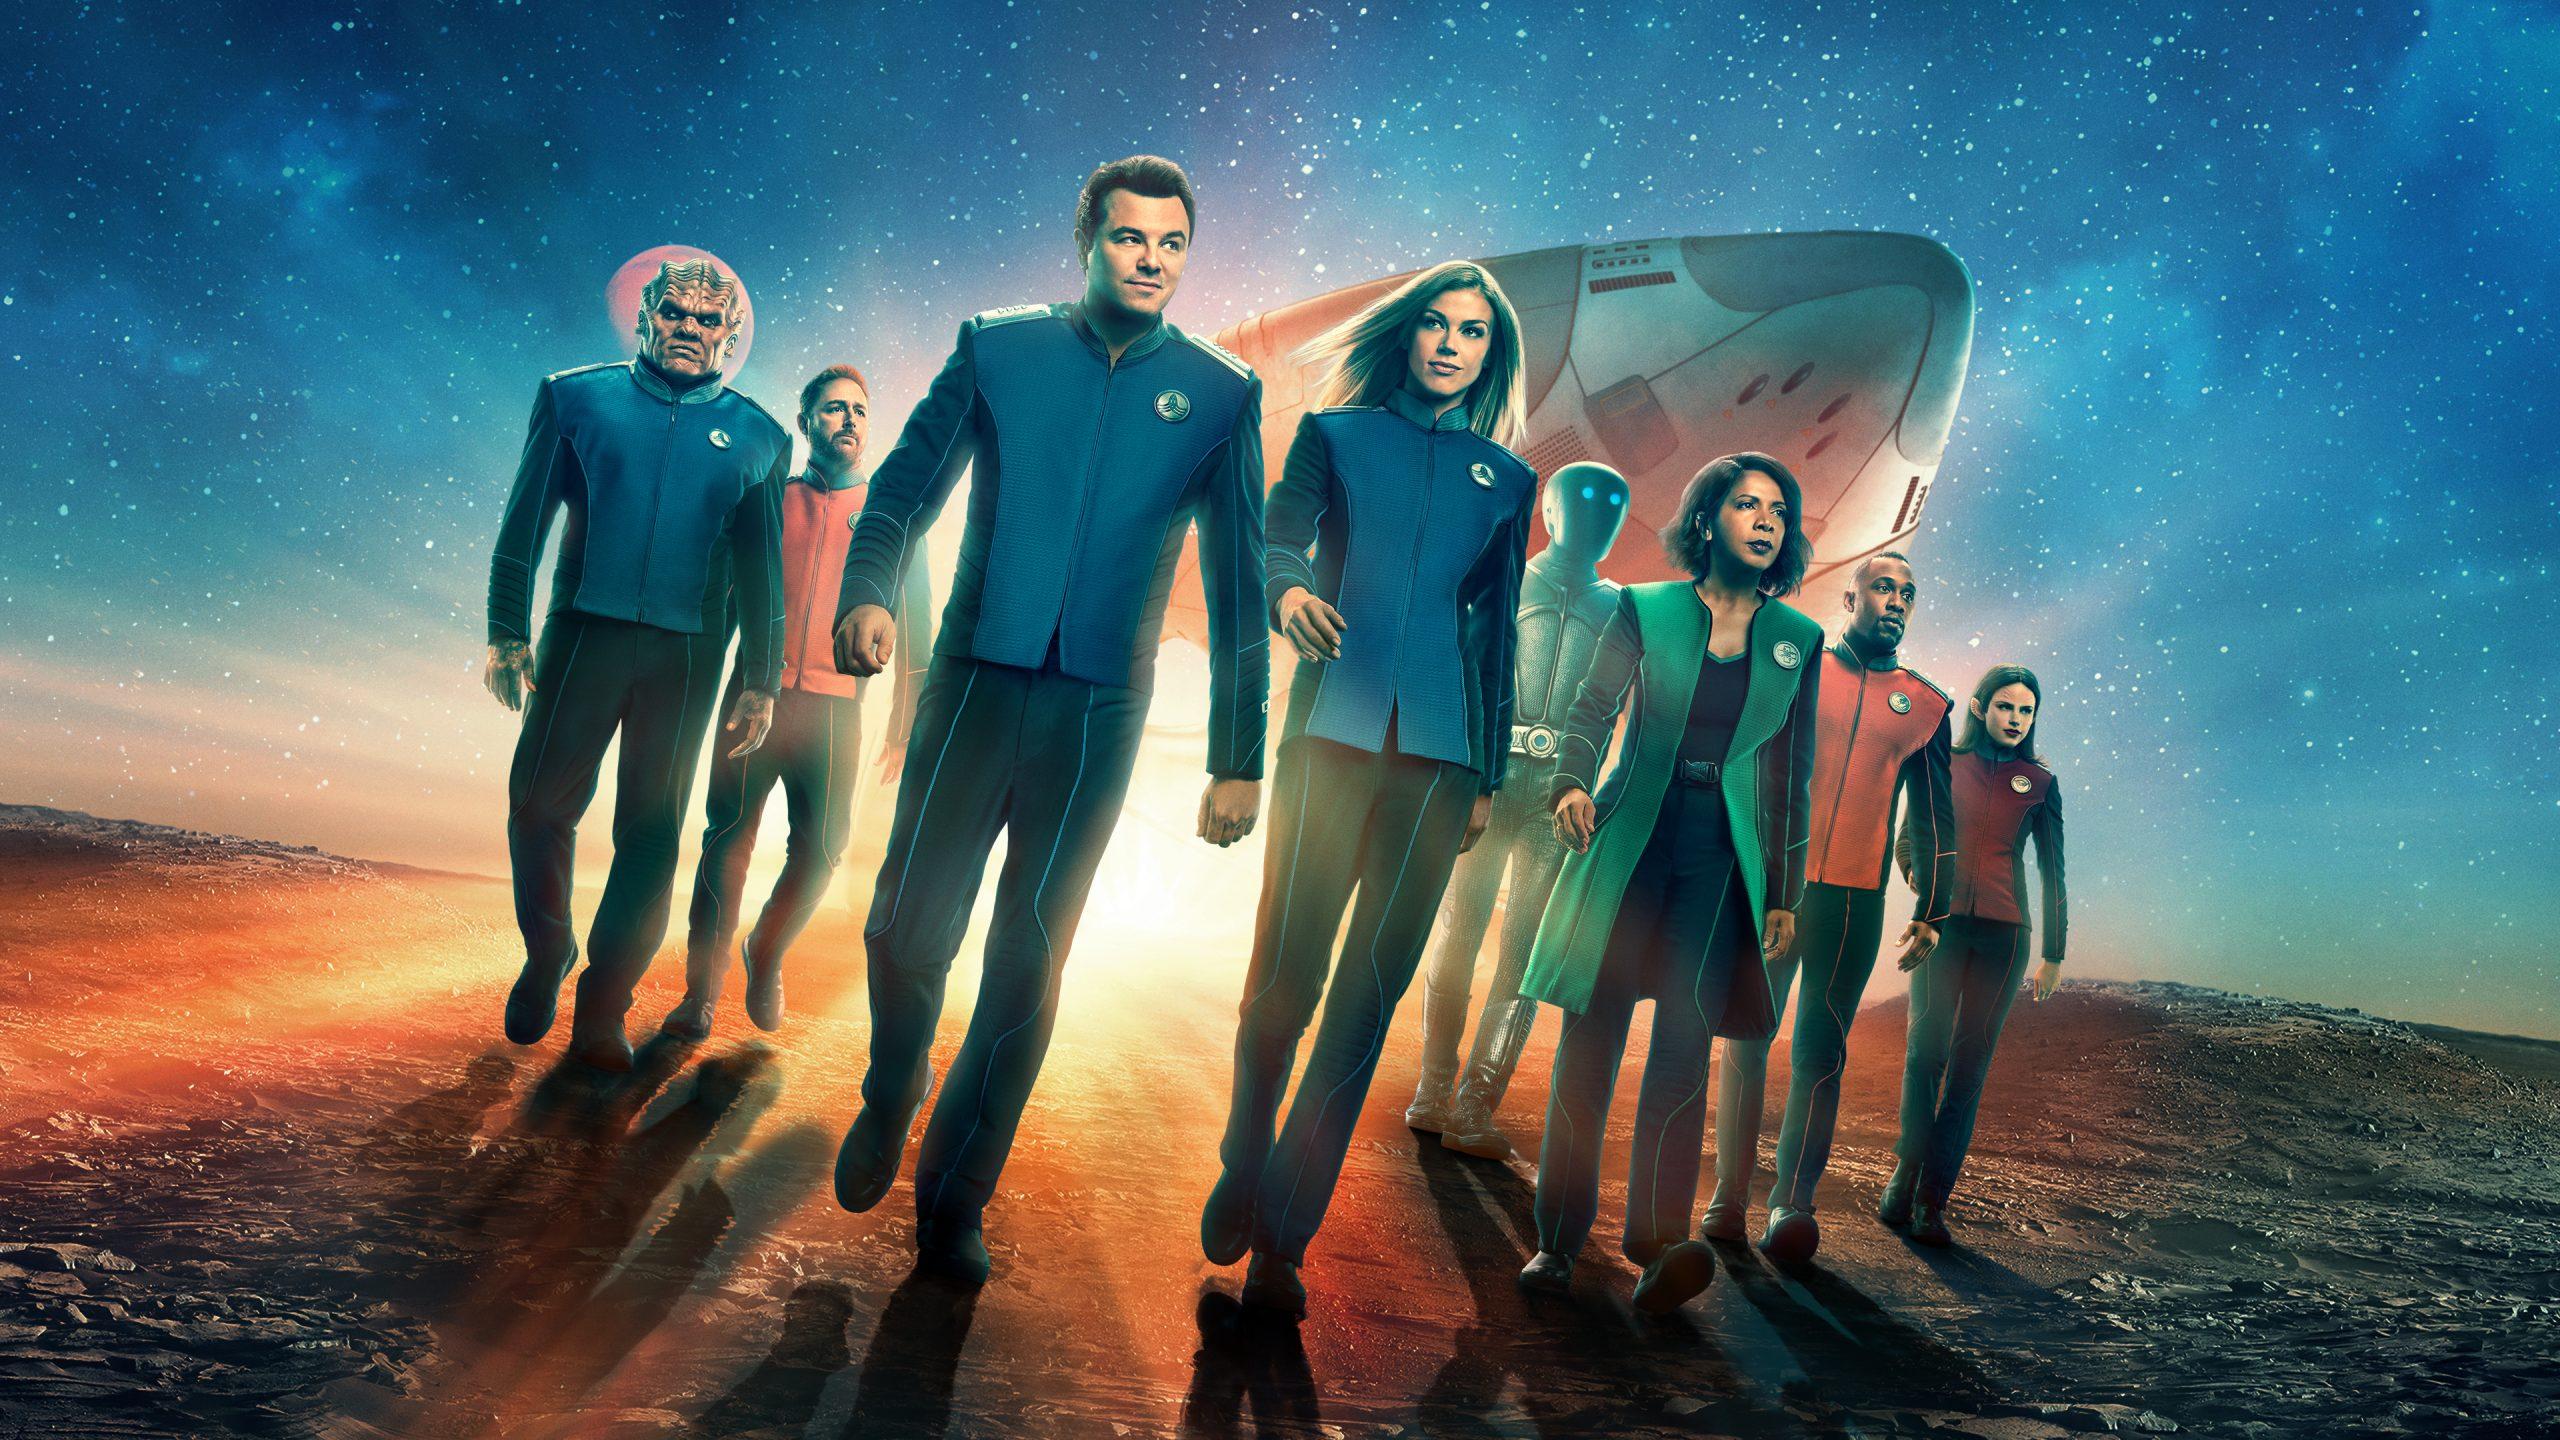 СМИ: Hulu решил закрыть «Орвилл» после третьего сезона